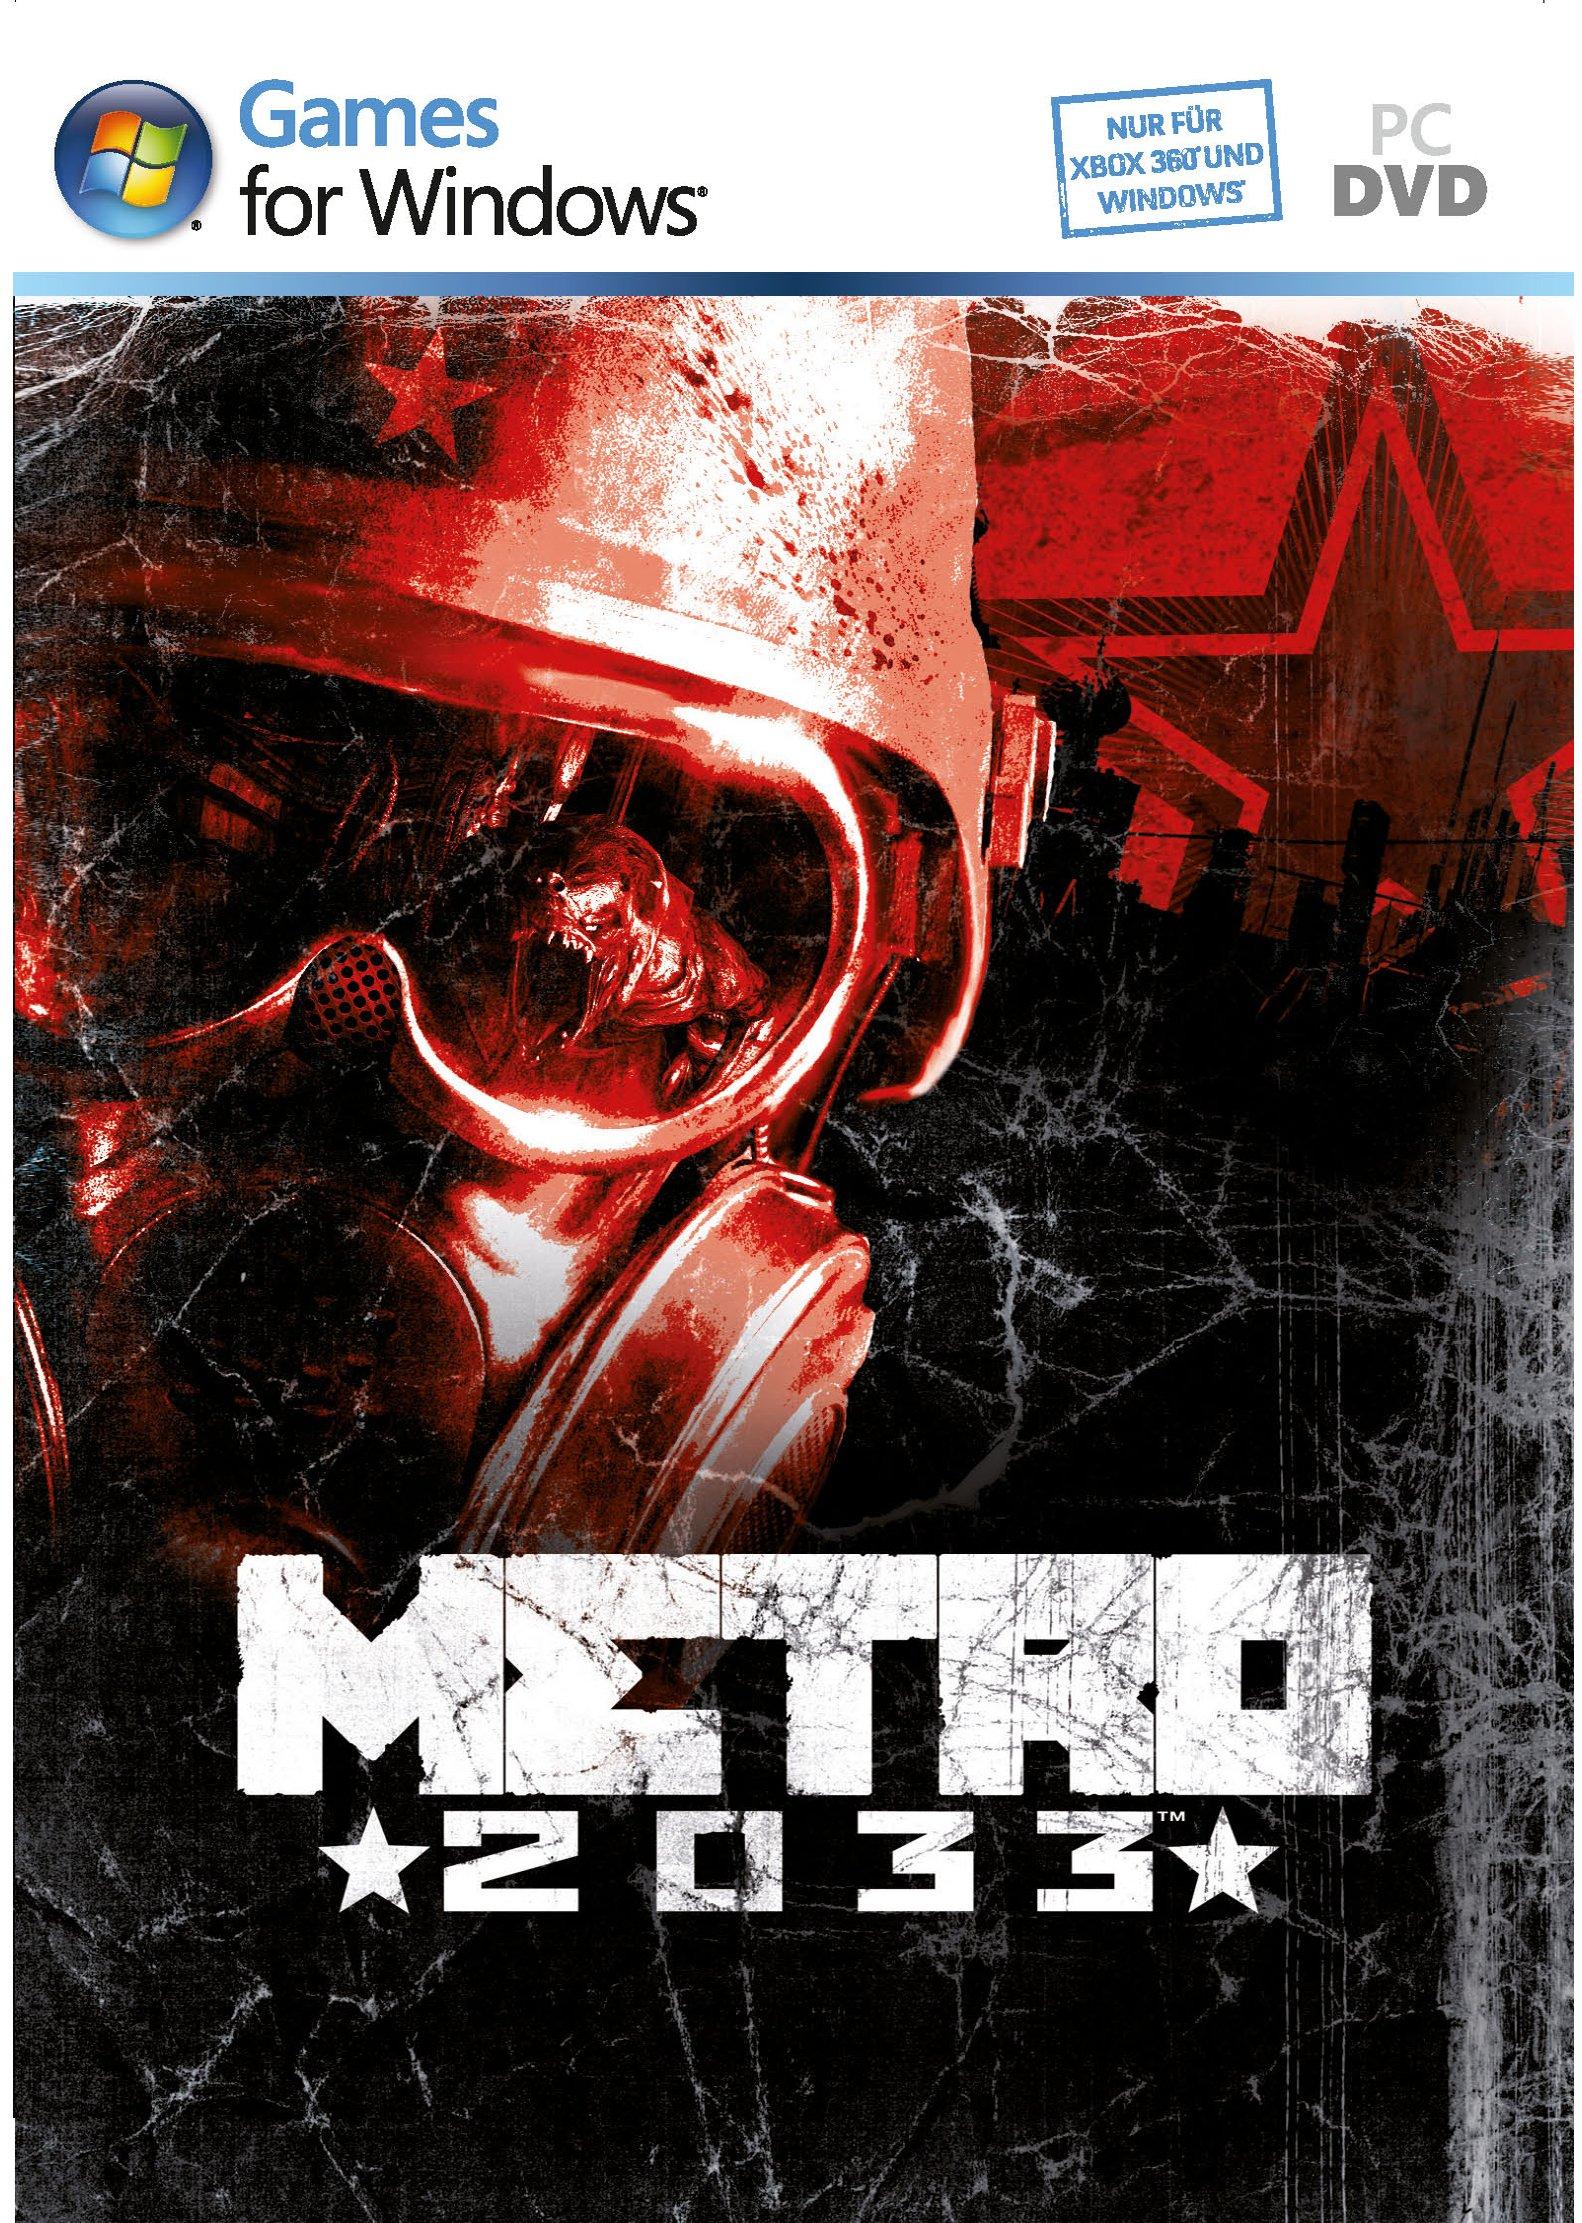 THQ Metro 2033 - Juego (PC, FPS (Disparos en primera persona), SO (Sólo Adultos)): Amazon.es: Videojuegos